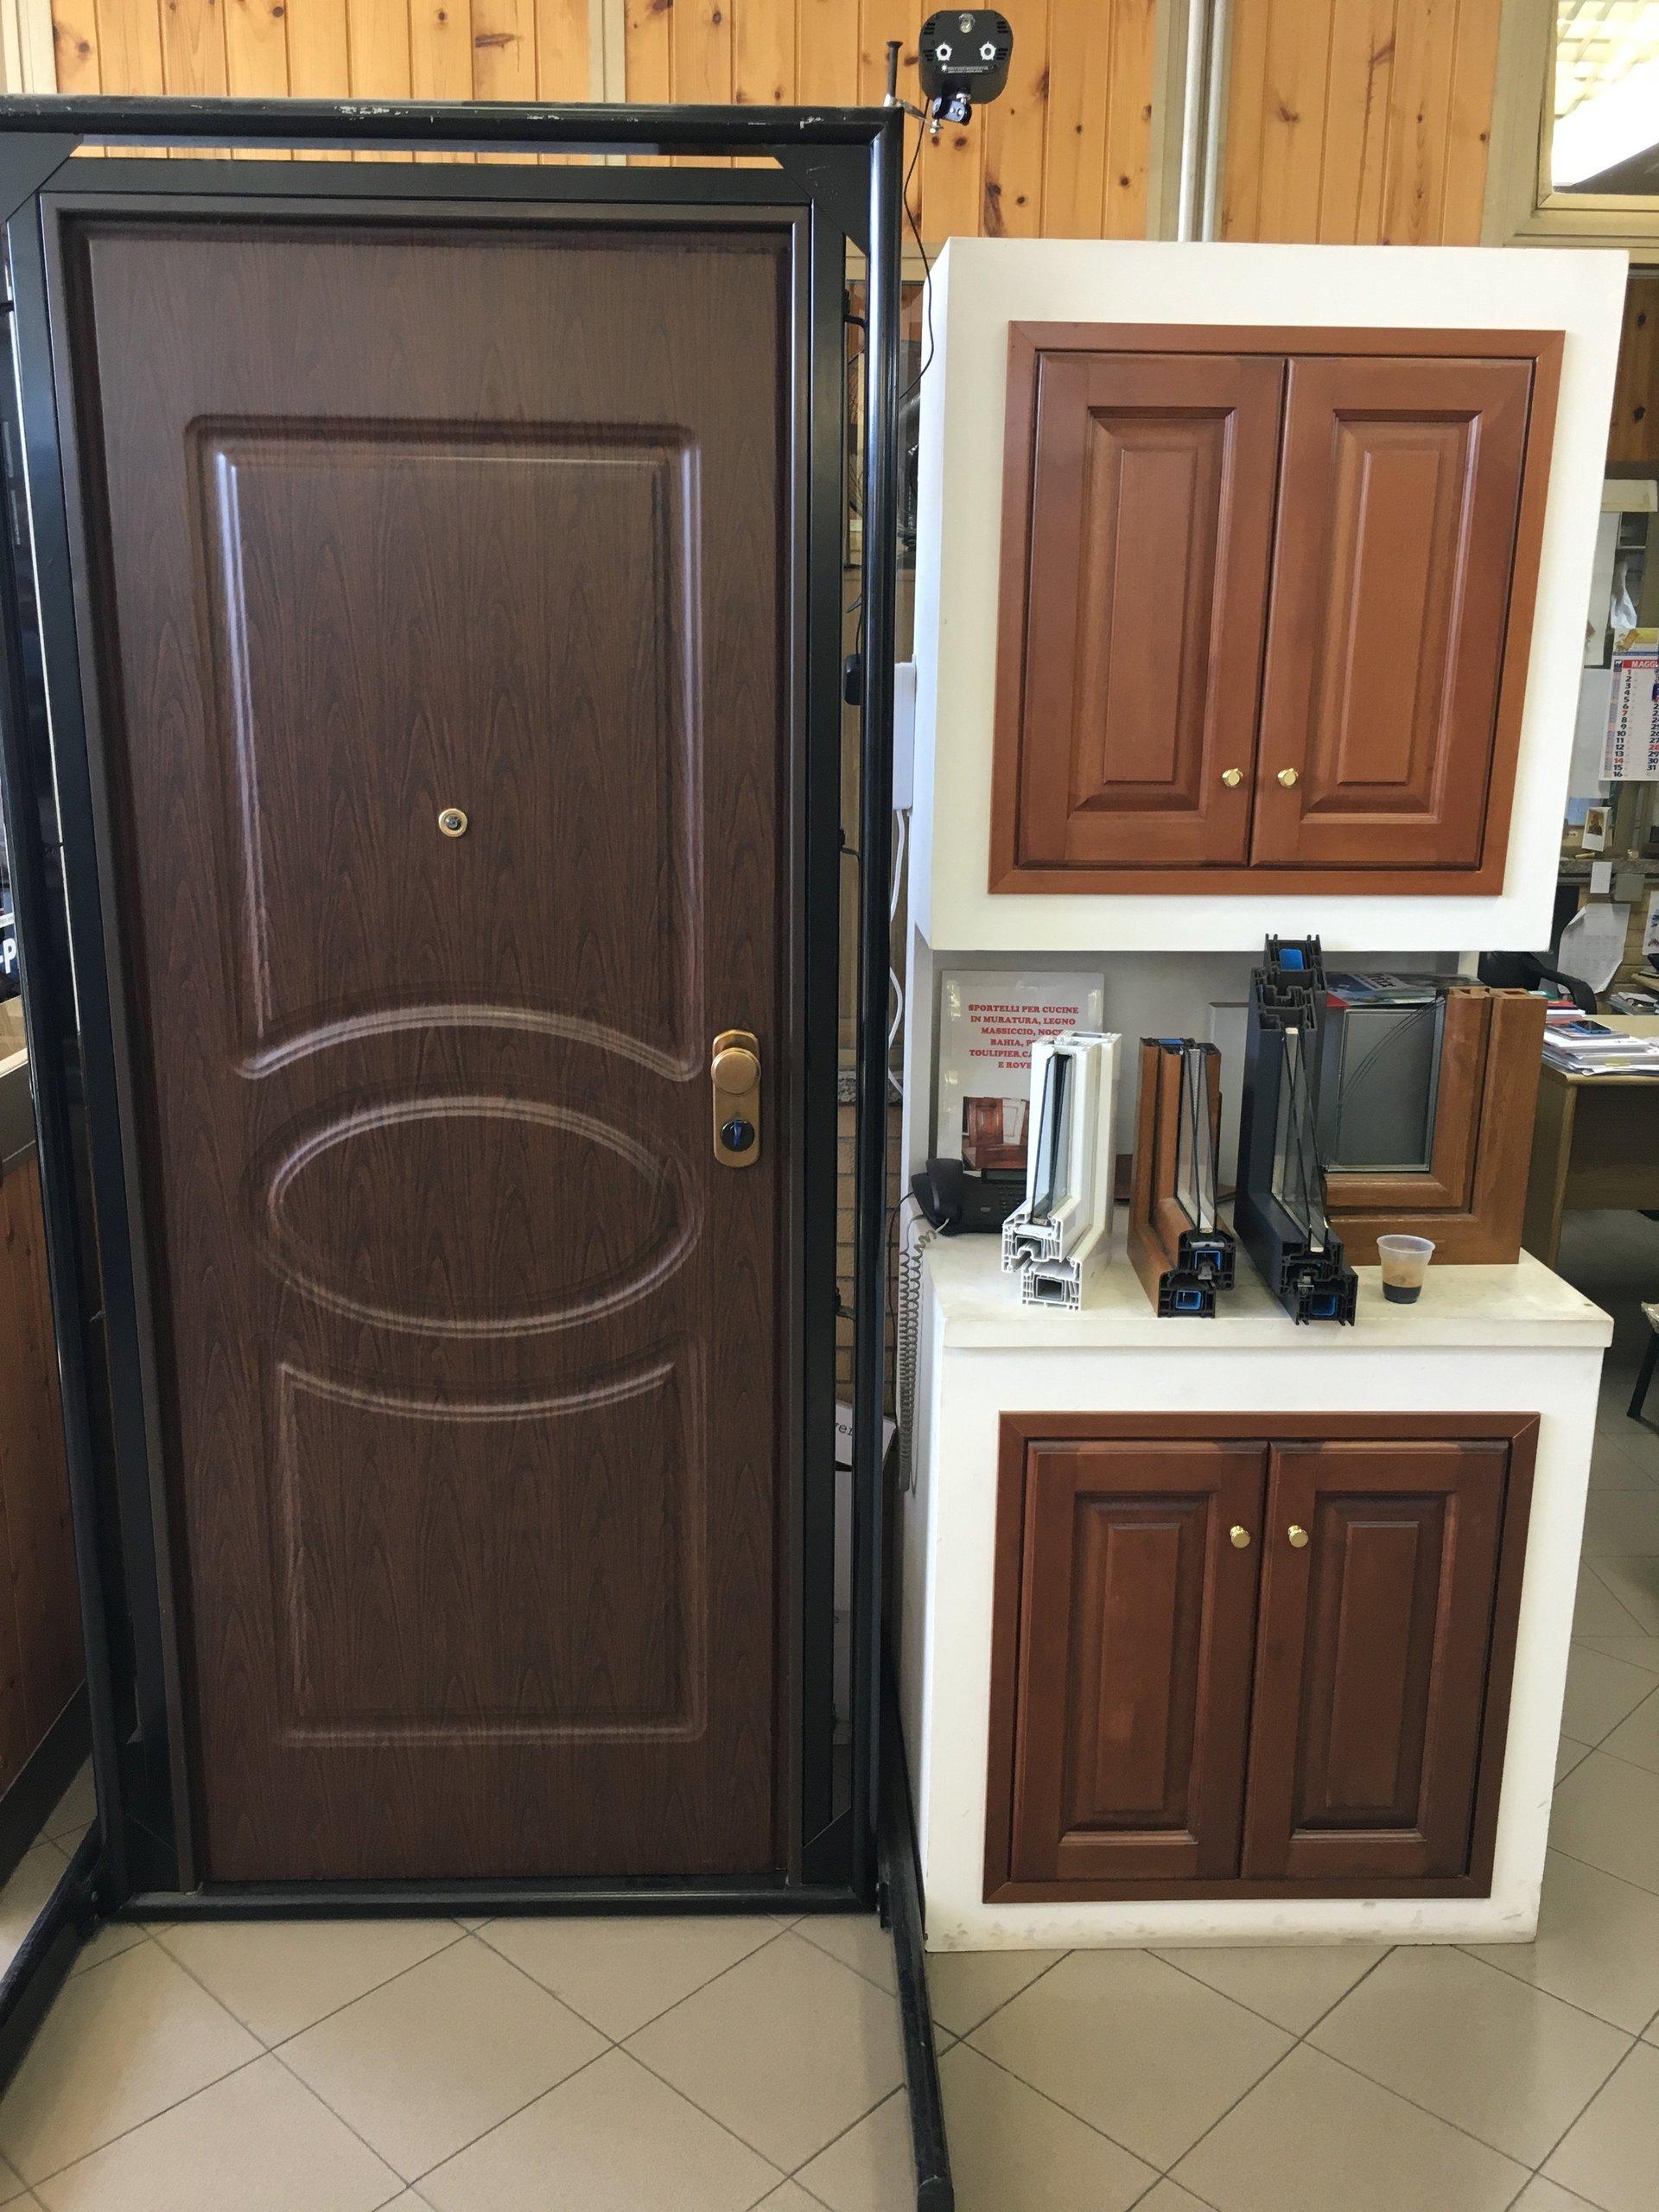 porta in legno e armadietti in legno bianco e marrone